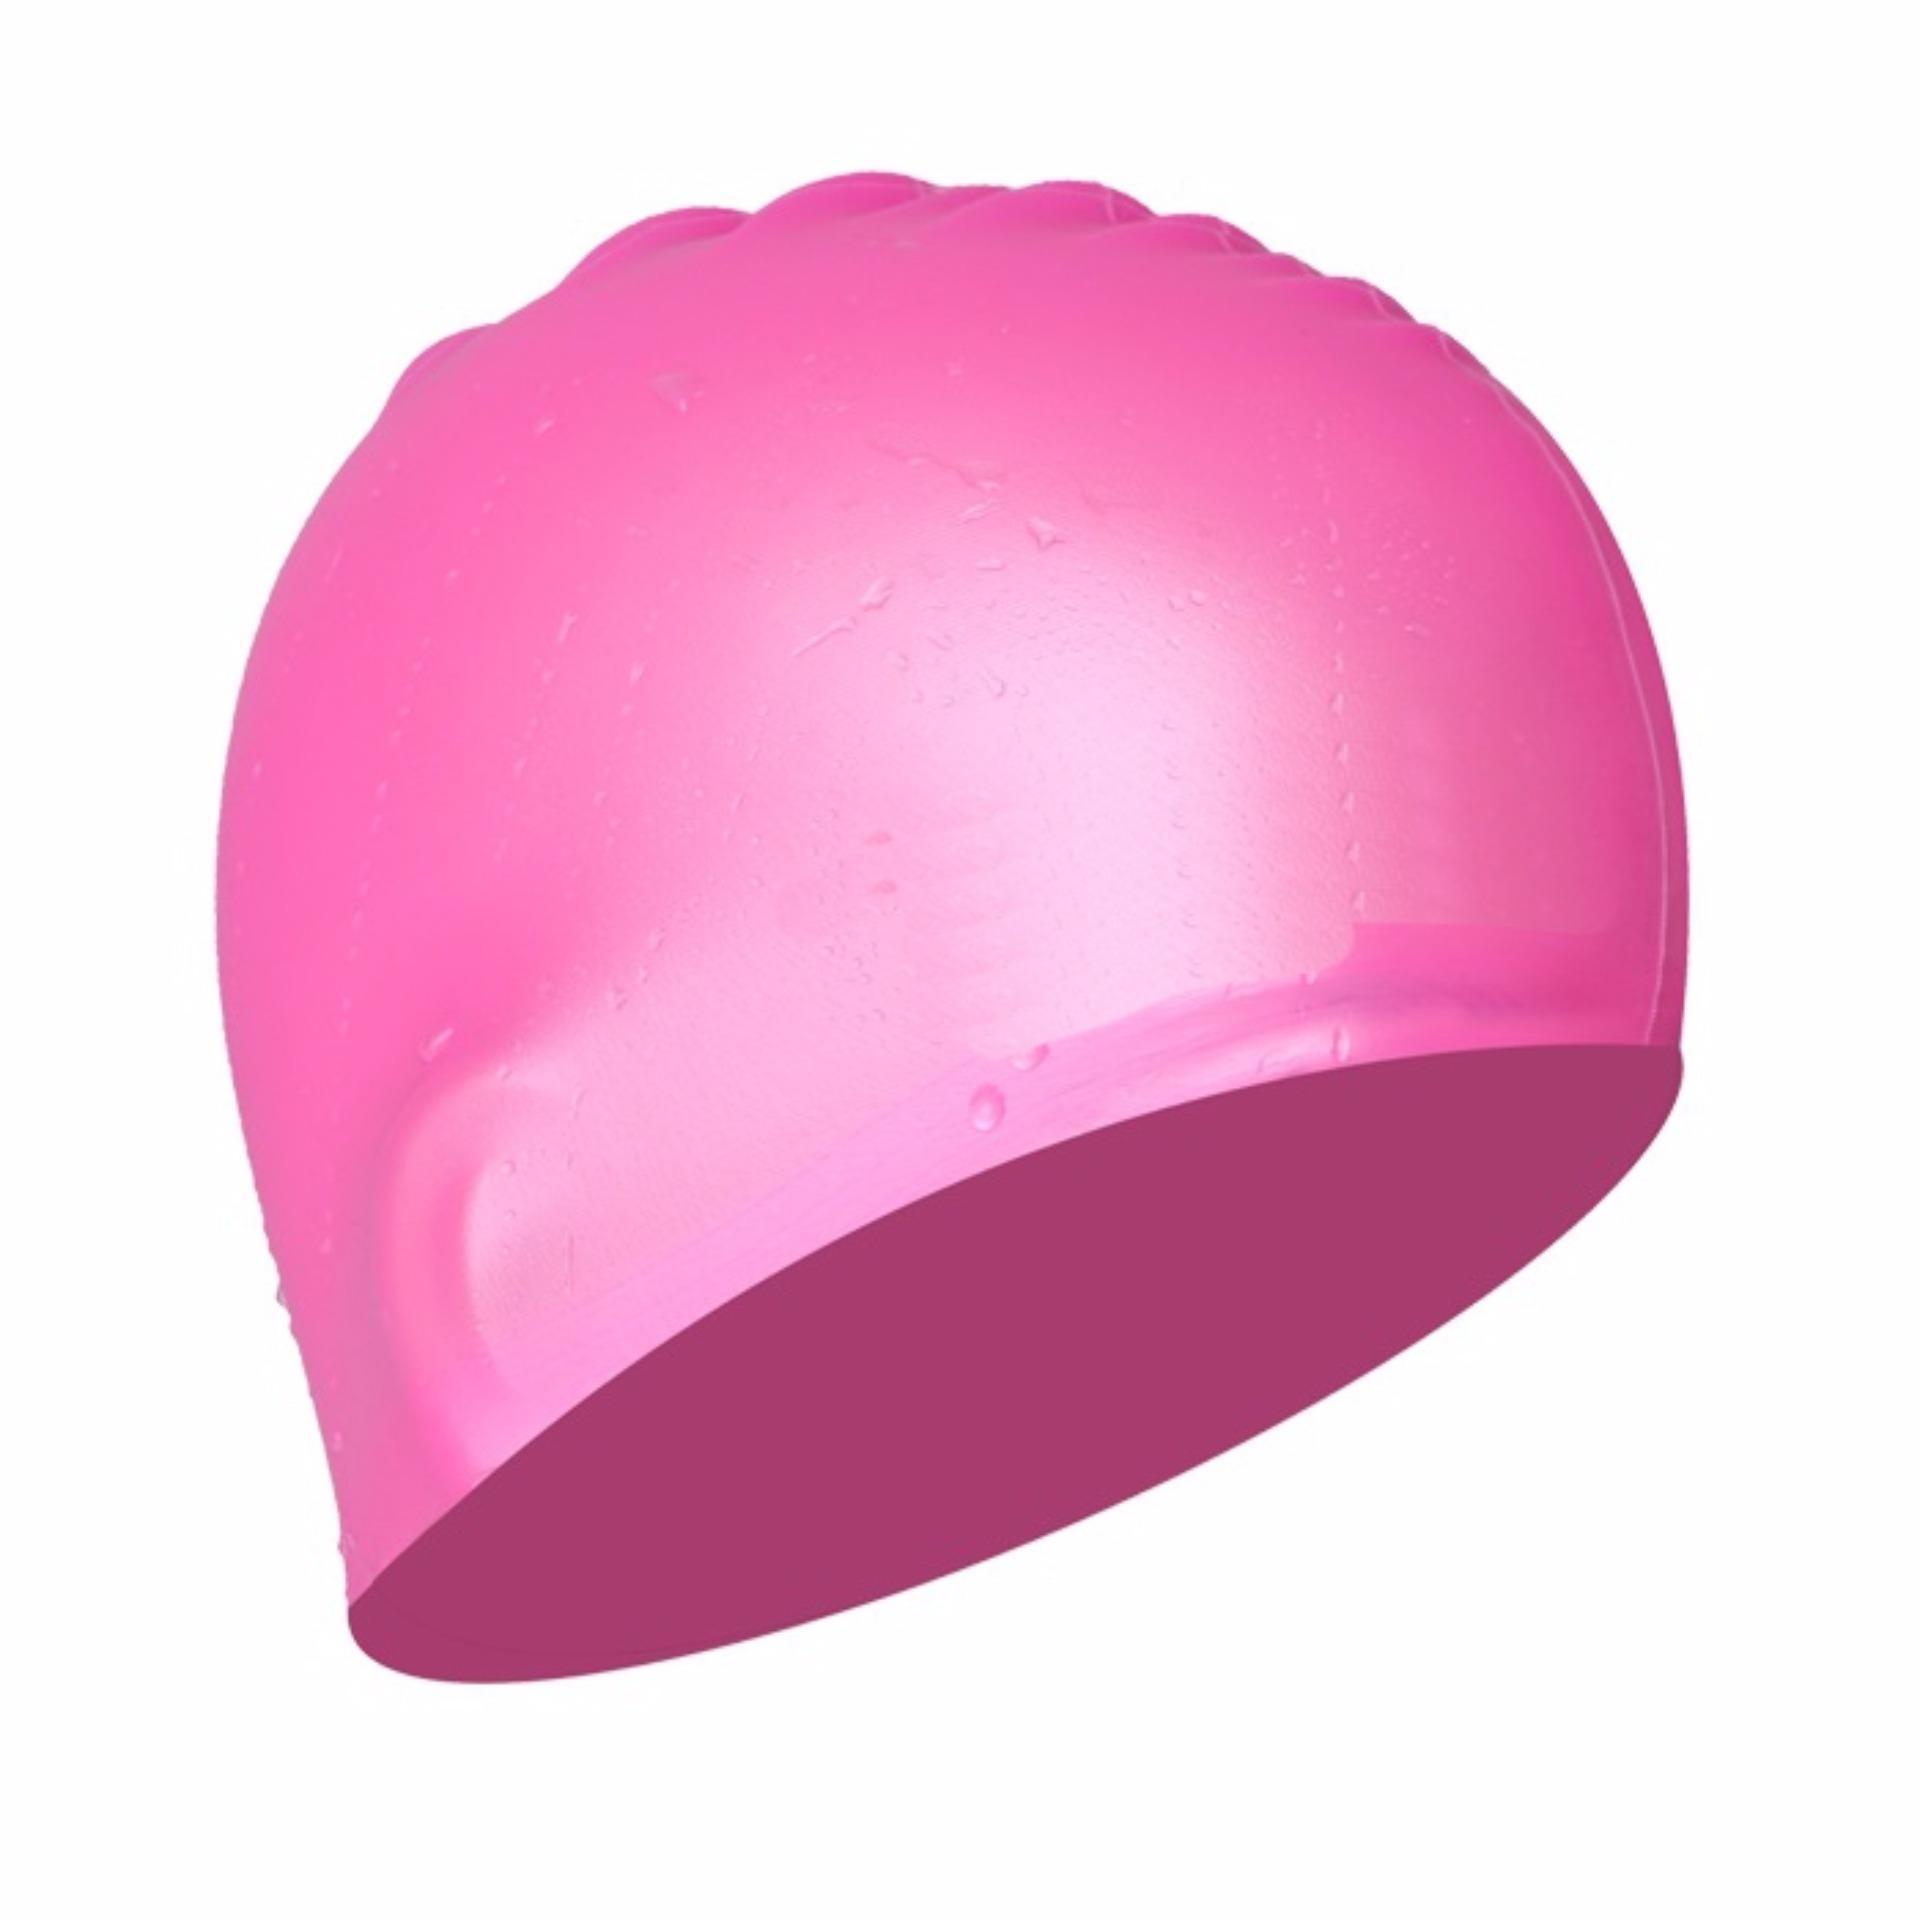 Nón bơi mũ bơi trơn silicone chống thống nước cao cấp CA31 POPO Collection - 1